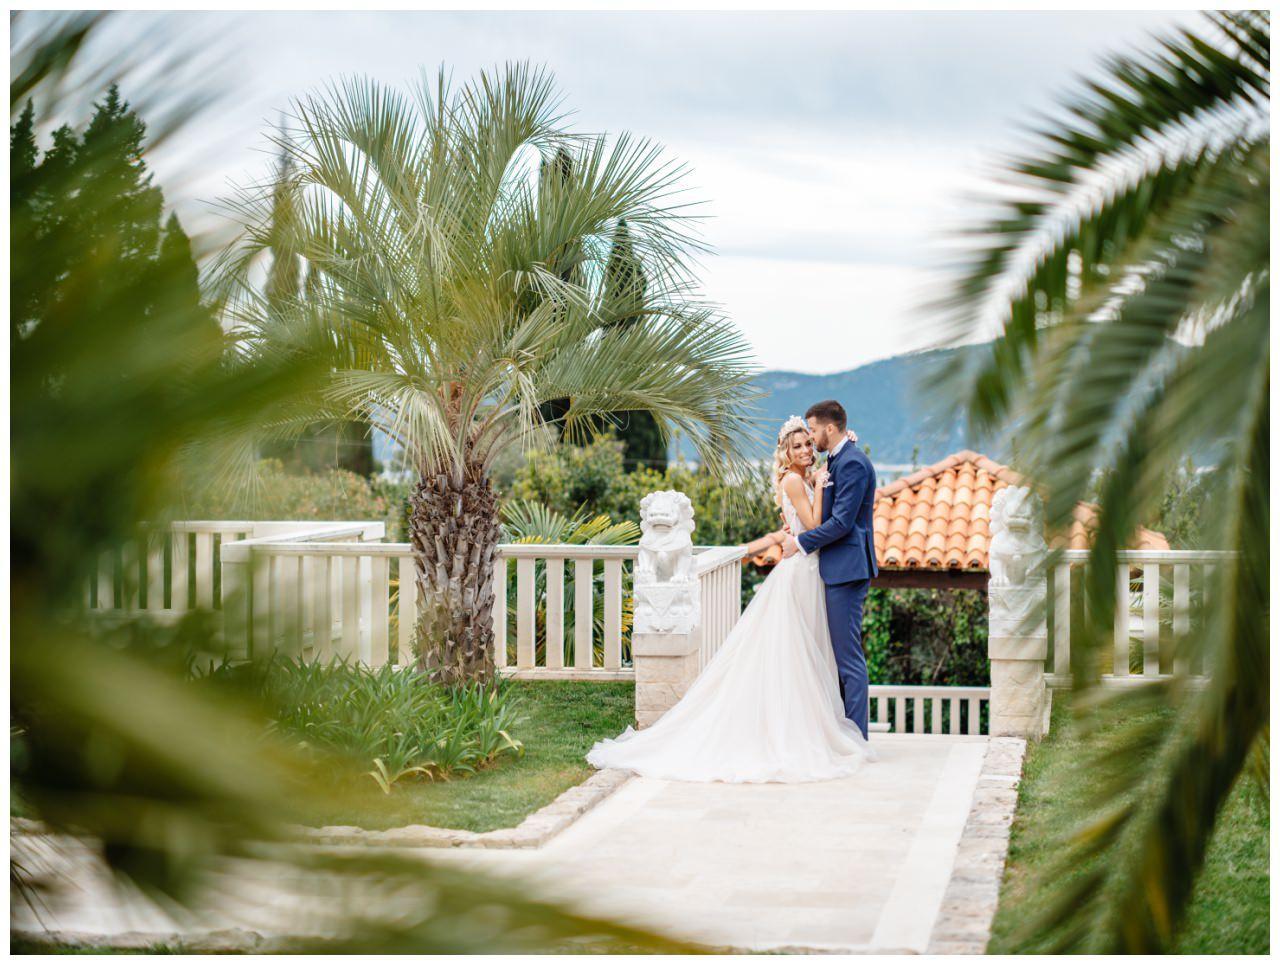 Hochzeit Villa Kroatien Hochzeitsplanung Fotograf 40 - Romantische Hochzeit in einer Villa